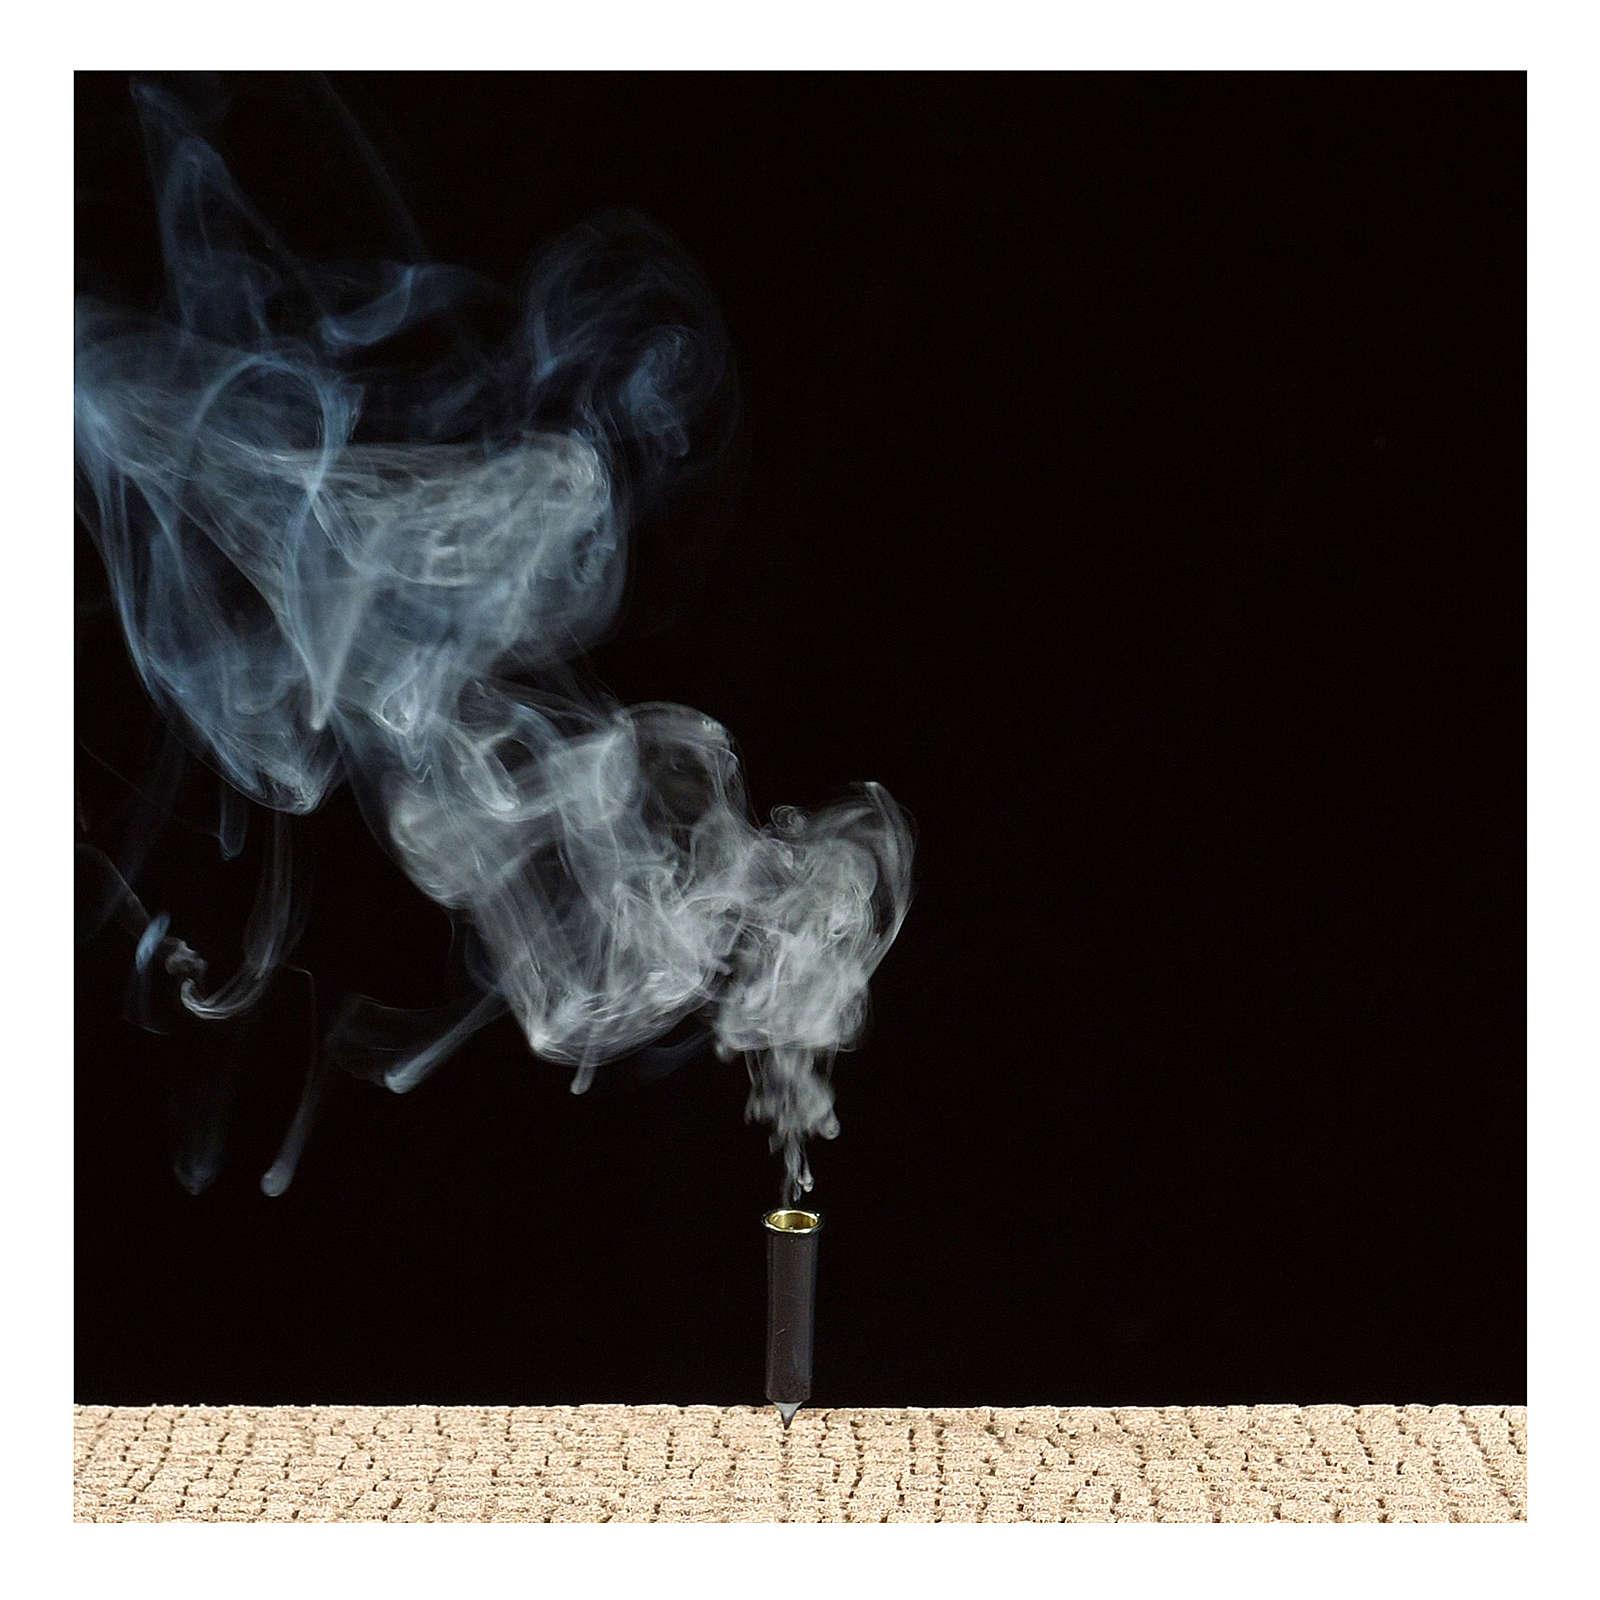 Efecto humo para el belén: cilindro generador 4